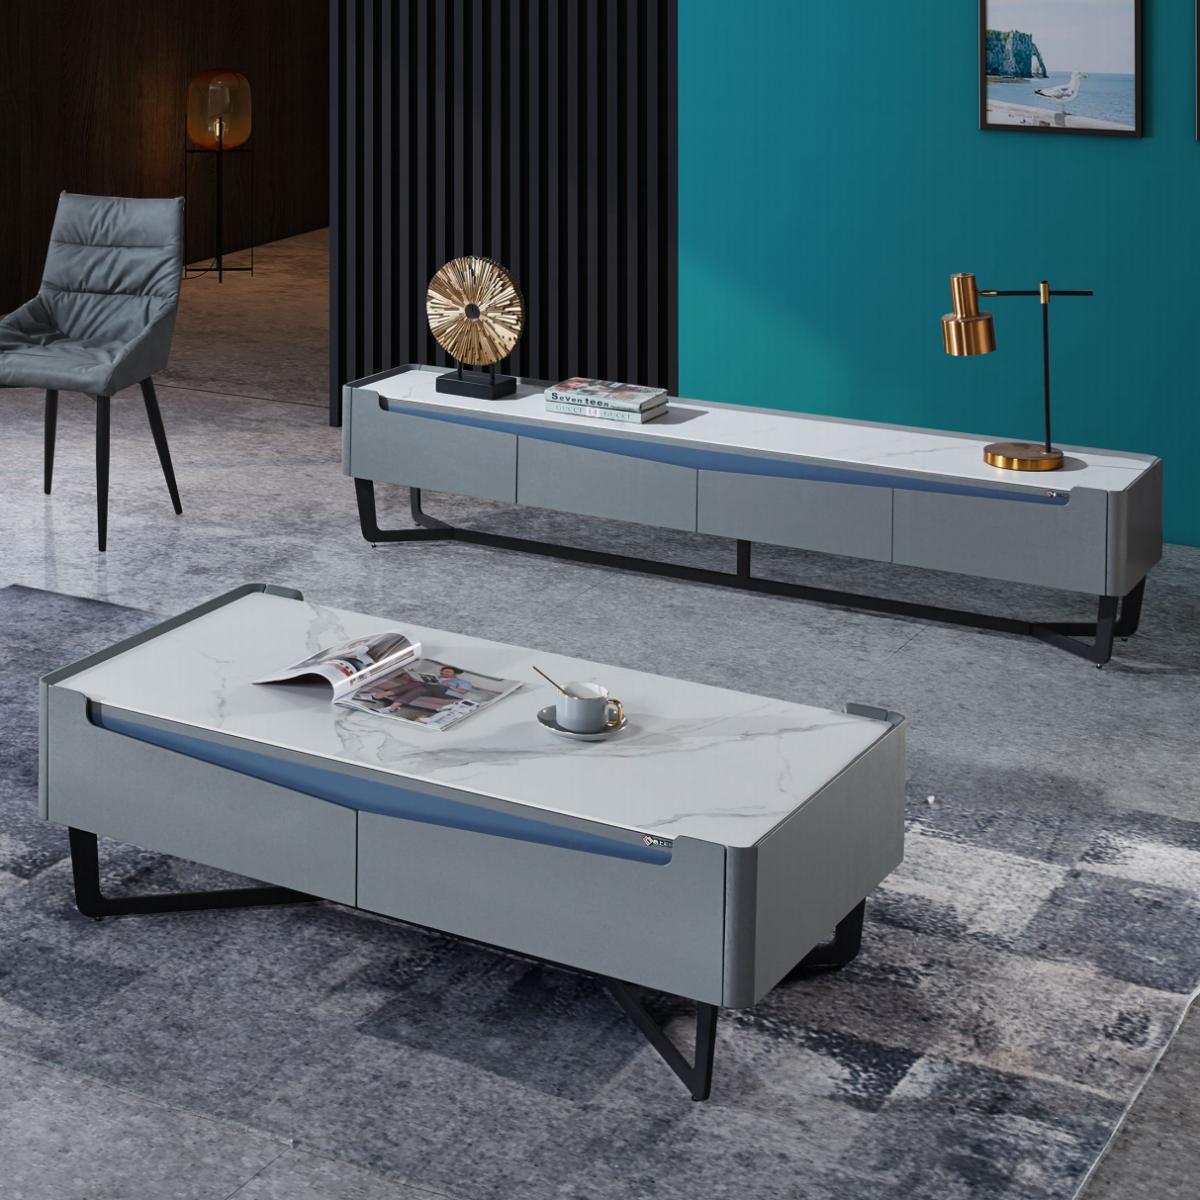 意式极简茶几电视柜组合北欧轻奢方形岩板茶几简约现代客厅地柜